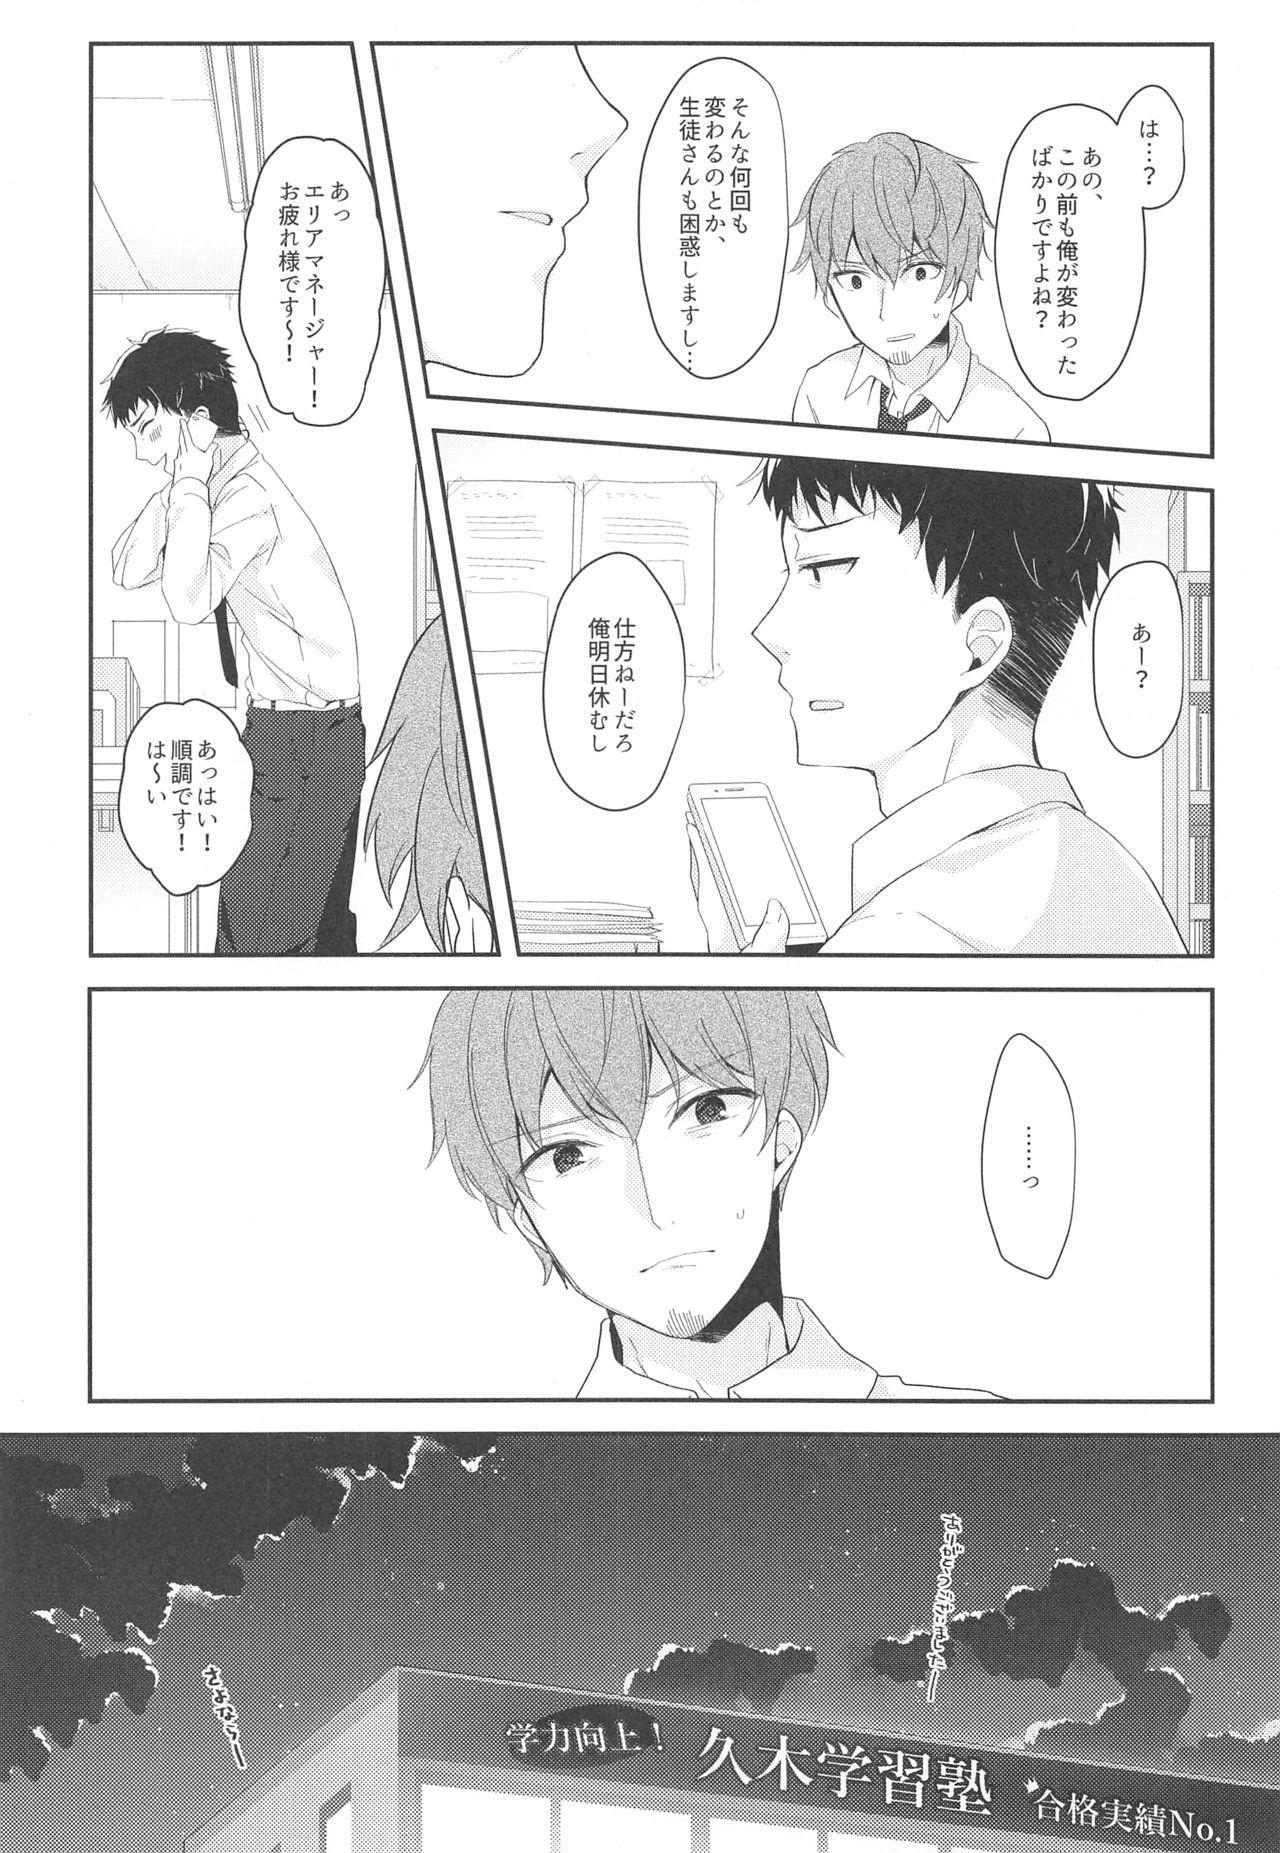 12-sai Sa no Himitsu Renai 10